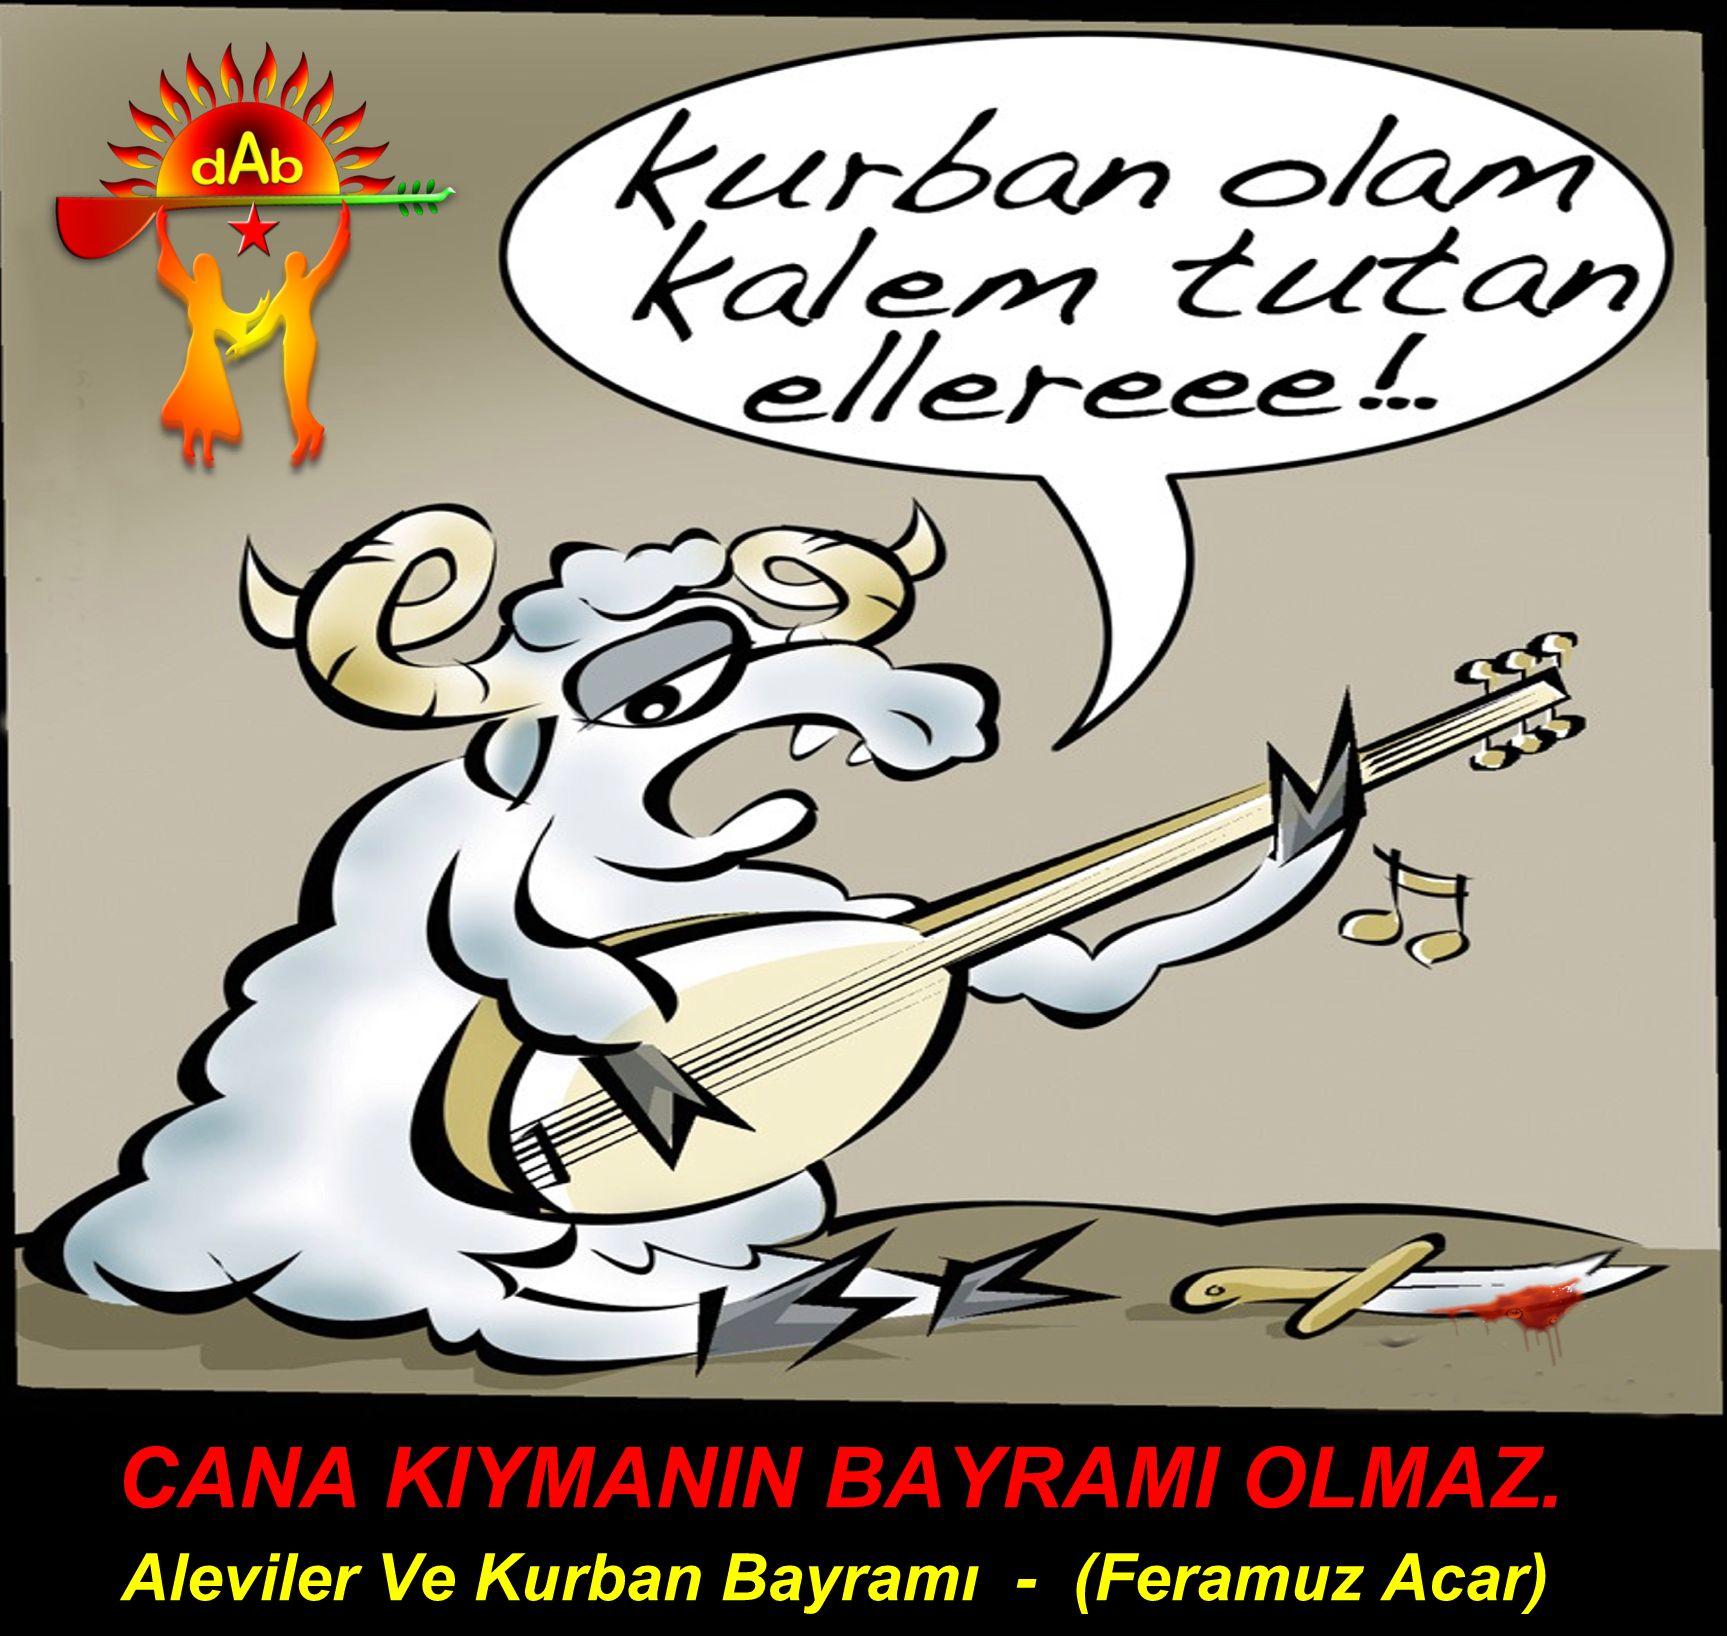 Devrimci Aleviler Birliği DAB Alevi Kızılbaş Bektaşi pir sultan cem hz Ali 12 imam semah Feramuz Şah Acar kurban olam kalem tutan ellere